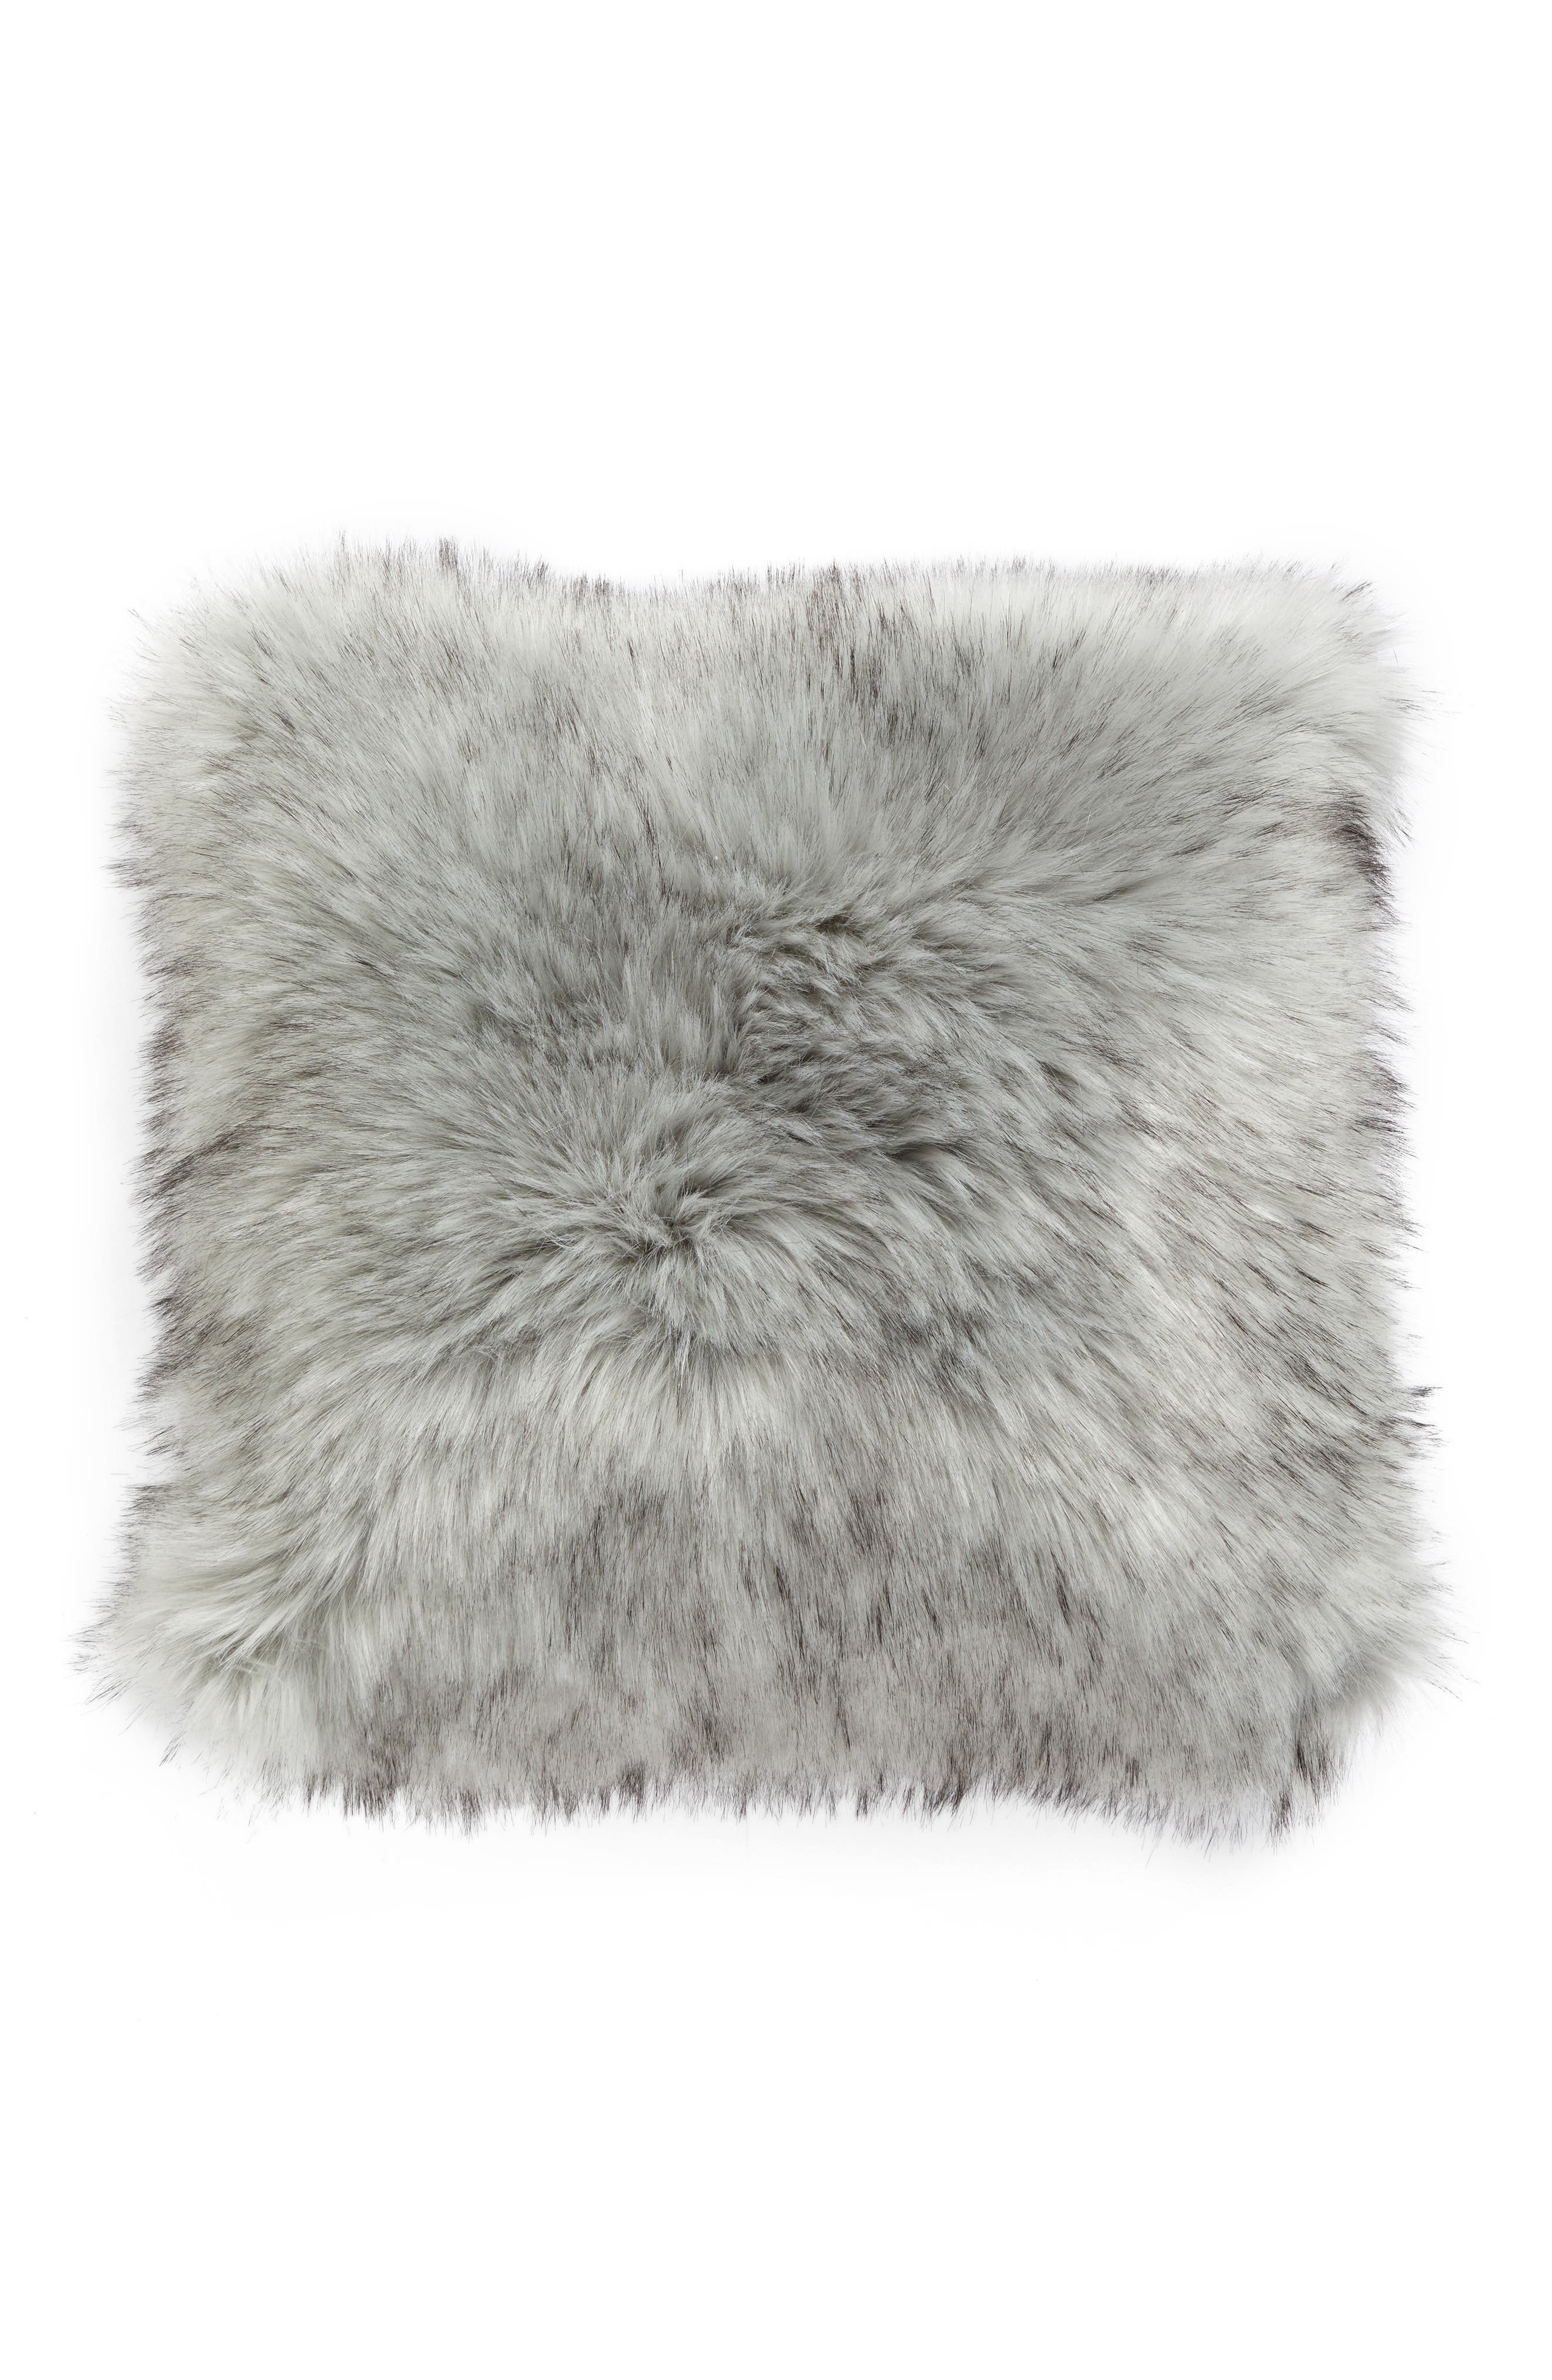 Faux Fur Accent Pillow,                         Main,                         color, 020